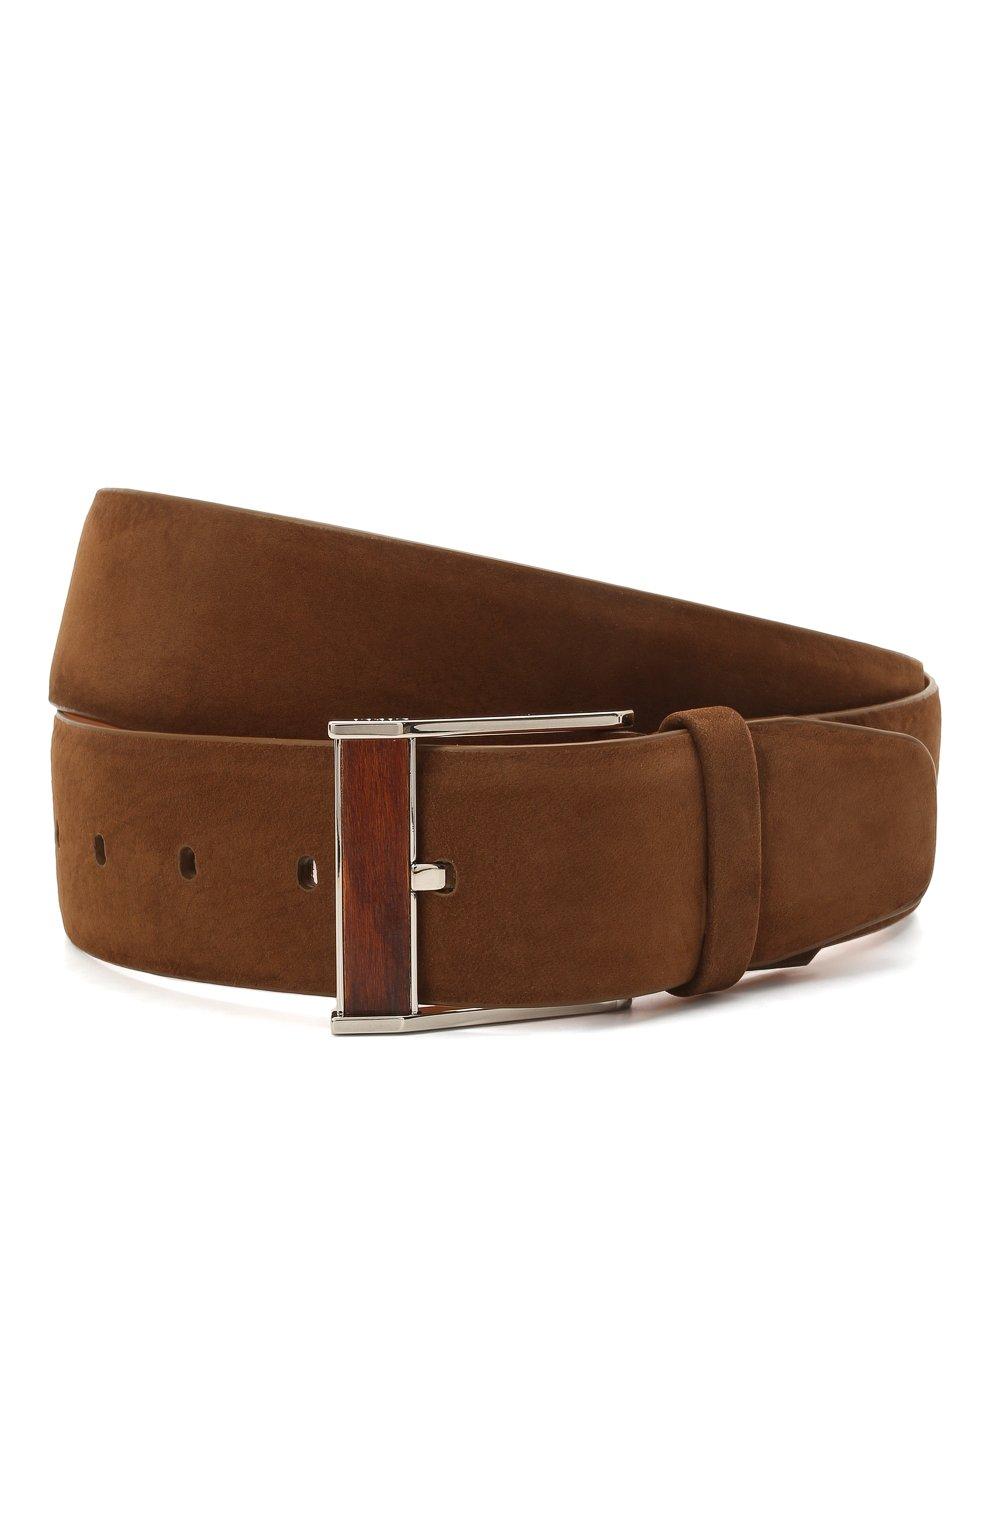 Мужской кожаный ремень ZILLI коричневого цвета, арт. MJL-CLAQE-01982/0057 | Фото 1 (Случай: Повседневный; Материал: Кожа)